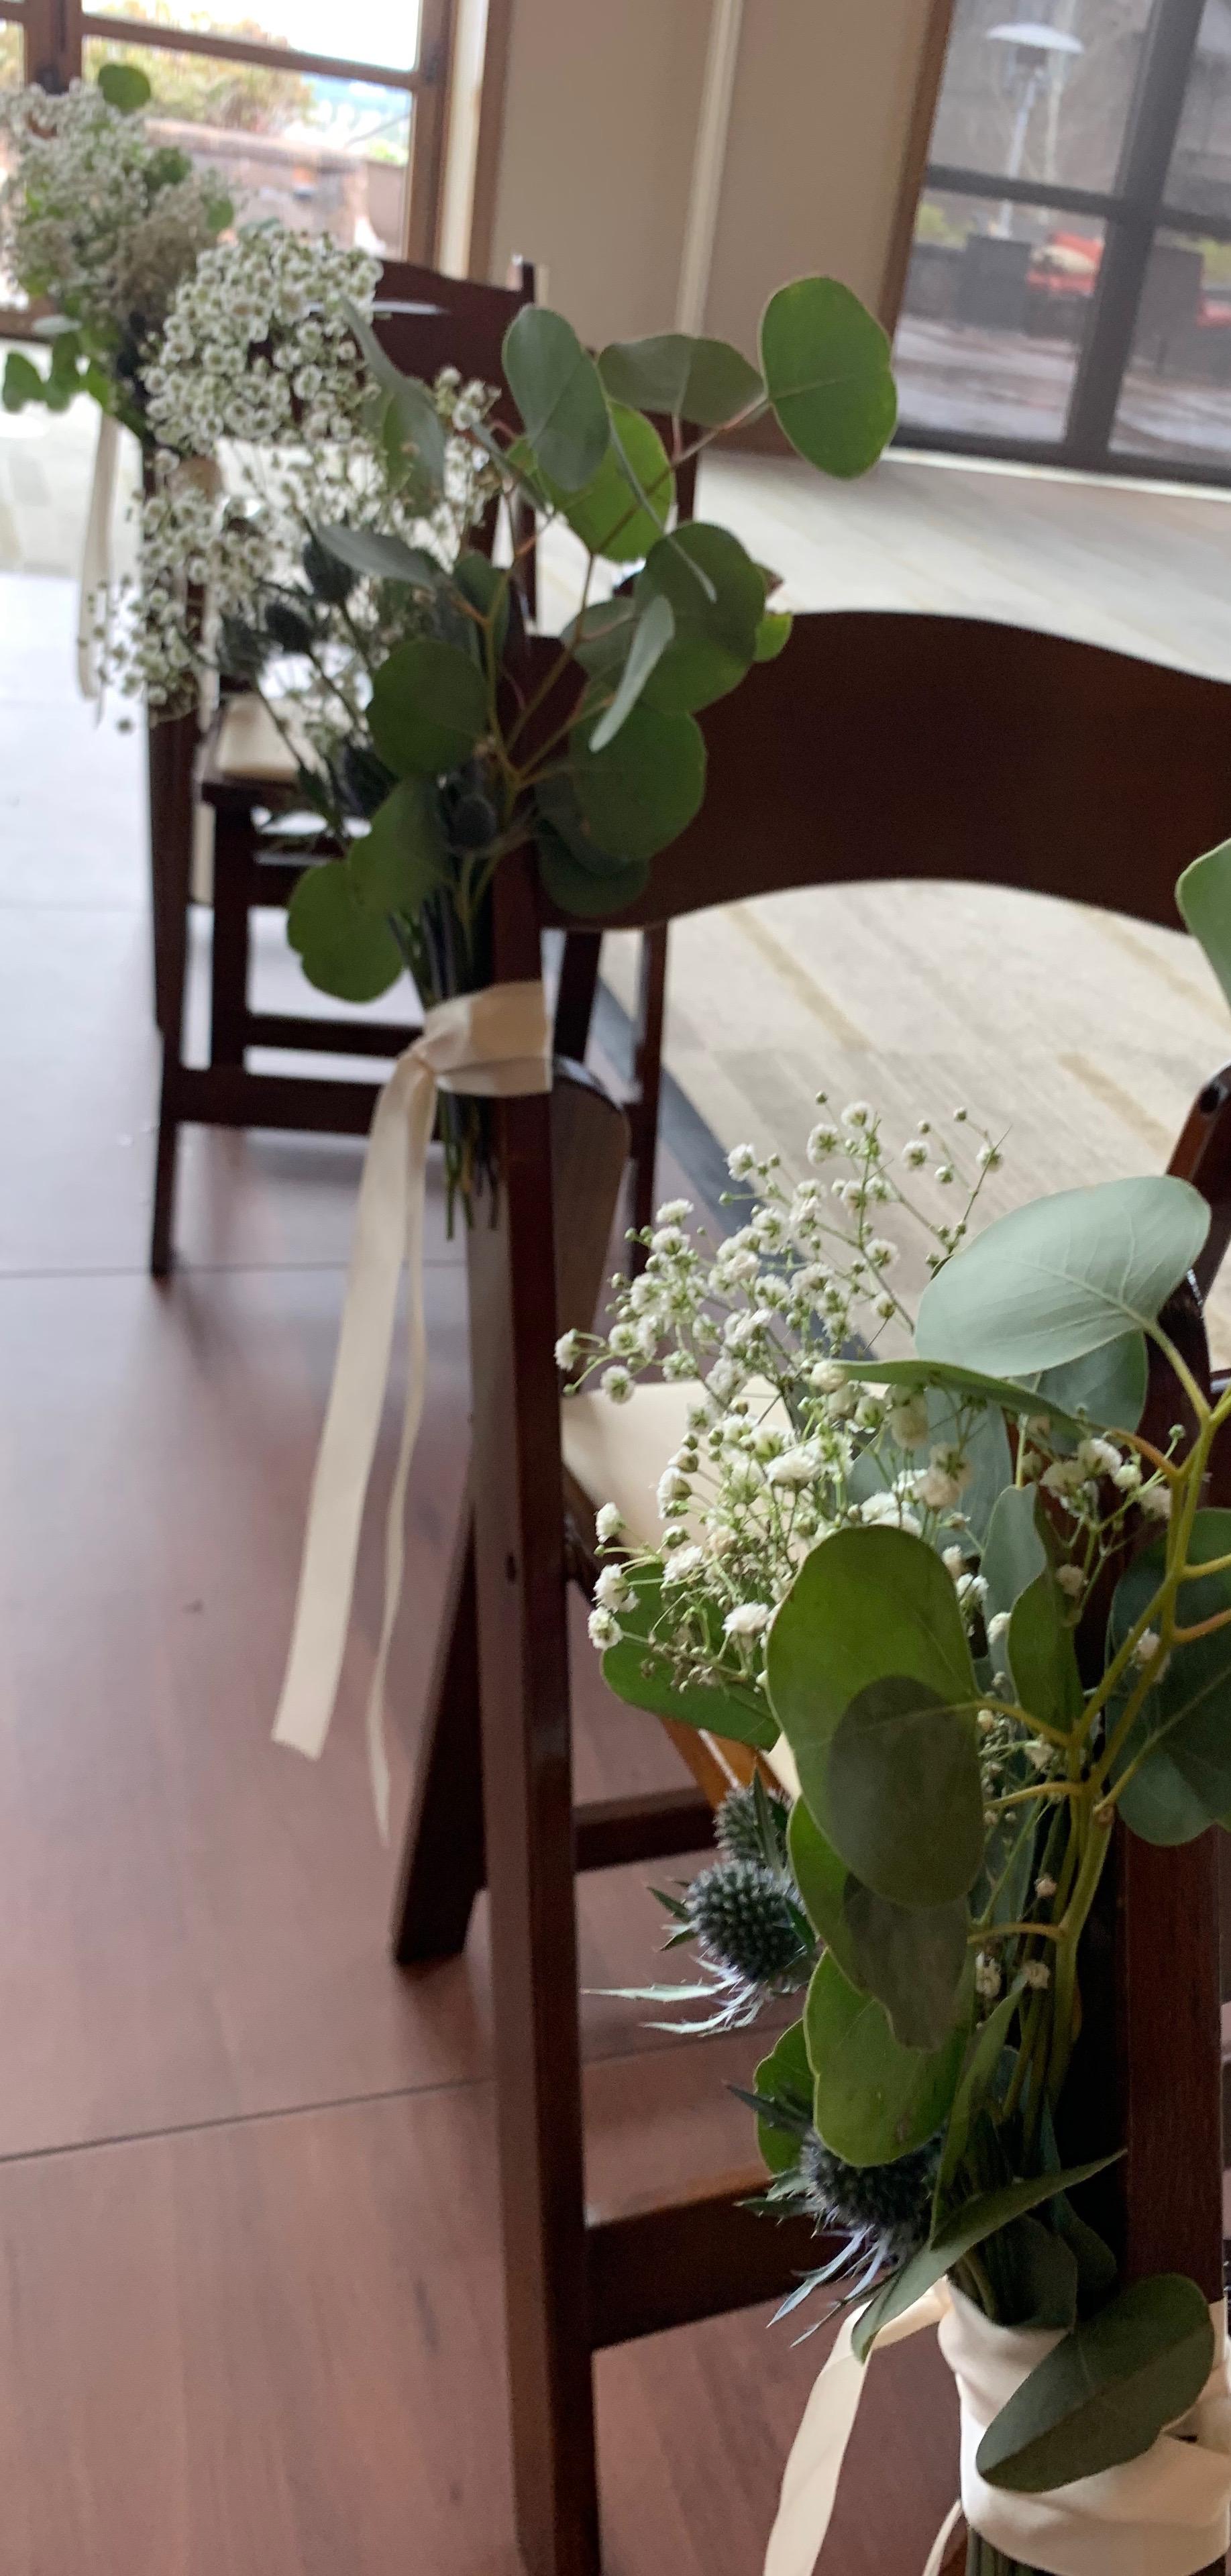 Custom Arrangements and Garlands by Bend Floral Artistry. Tetherow Resort - Bend, Oregon.   Your Local Bend, Oregon Bespoke Florist.